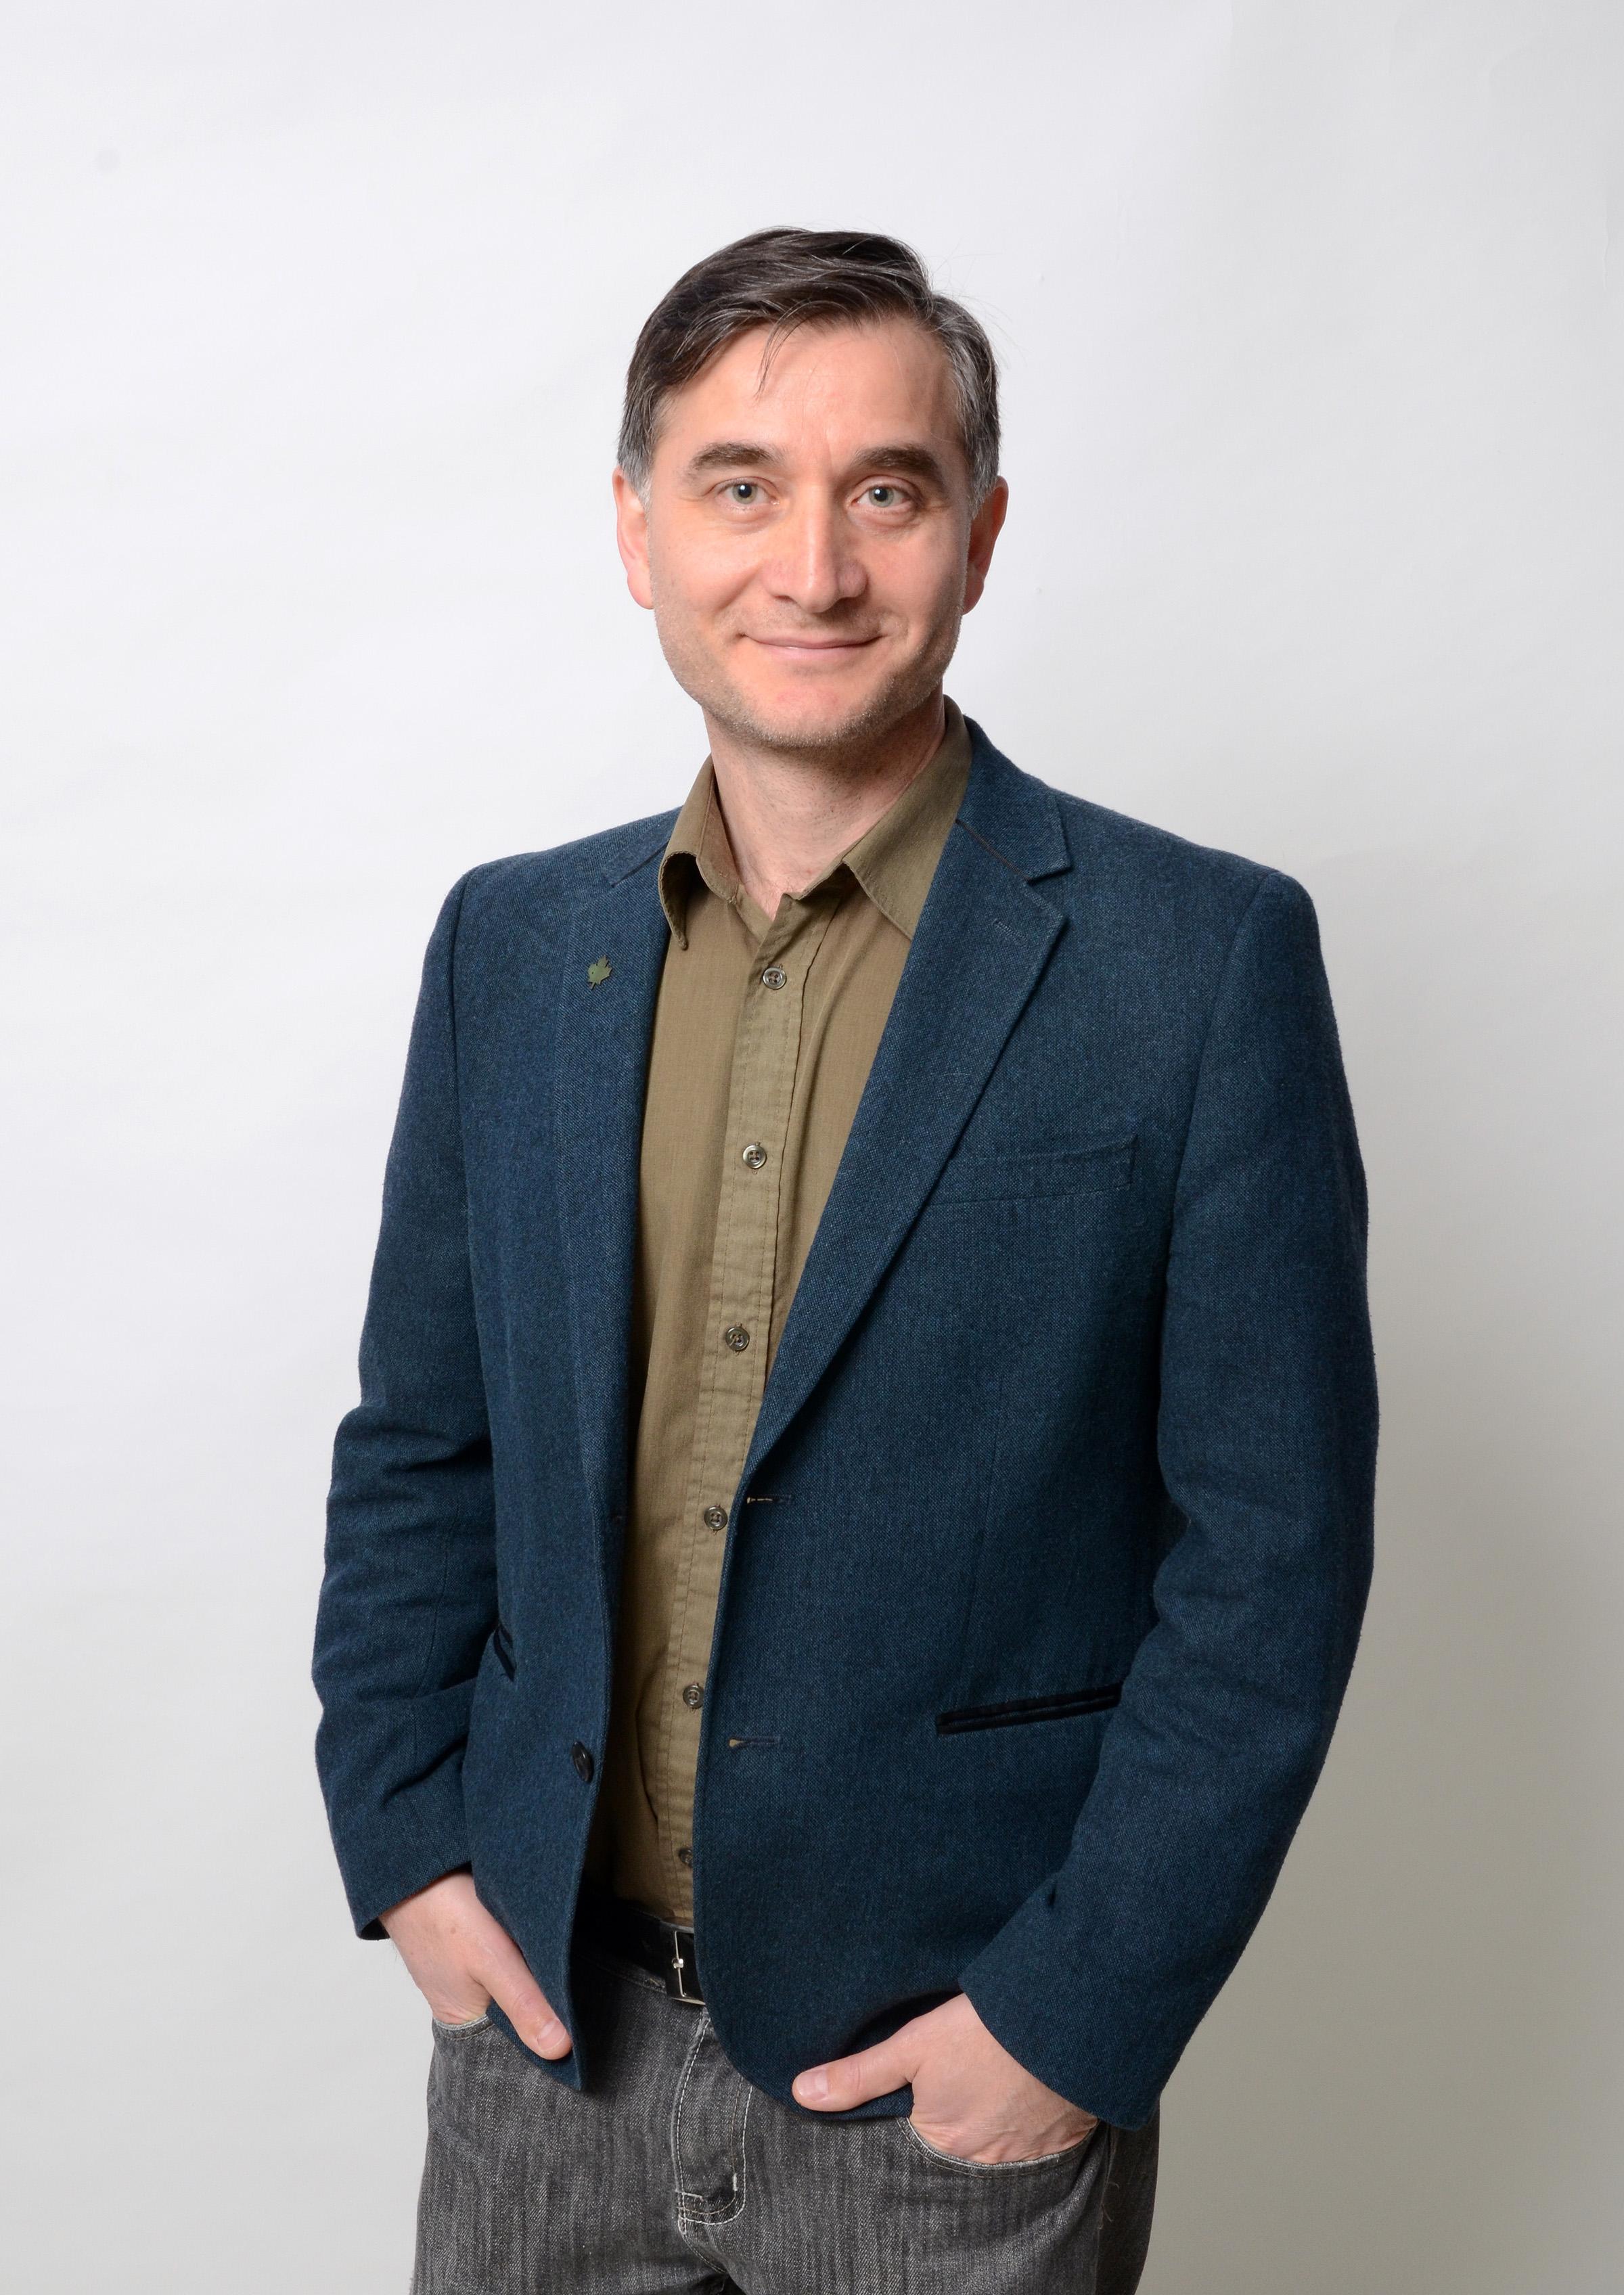 Zurab-Ivanishvili